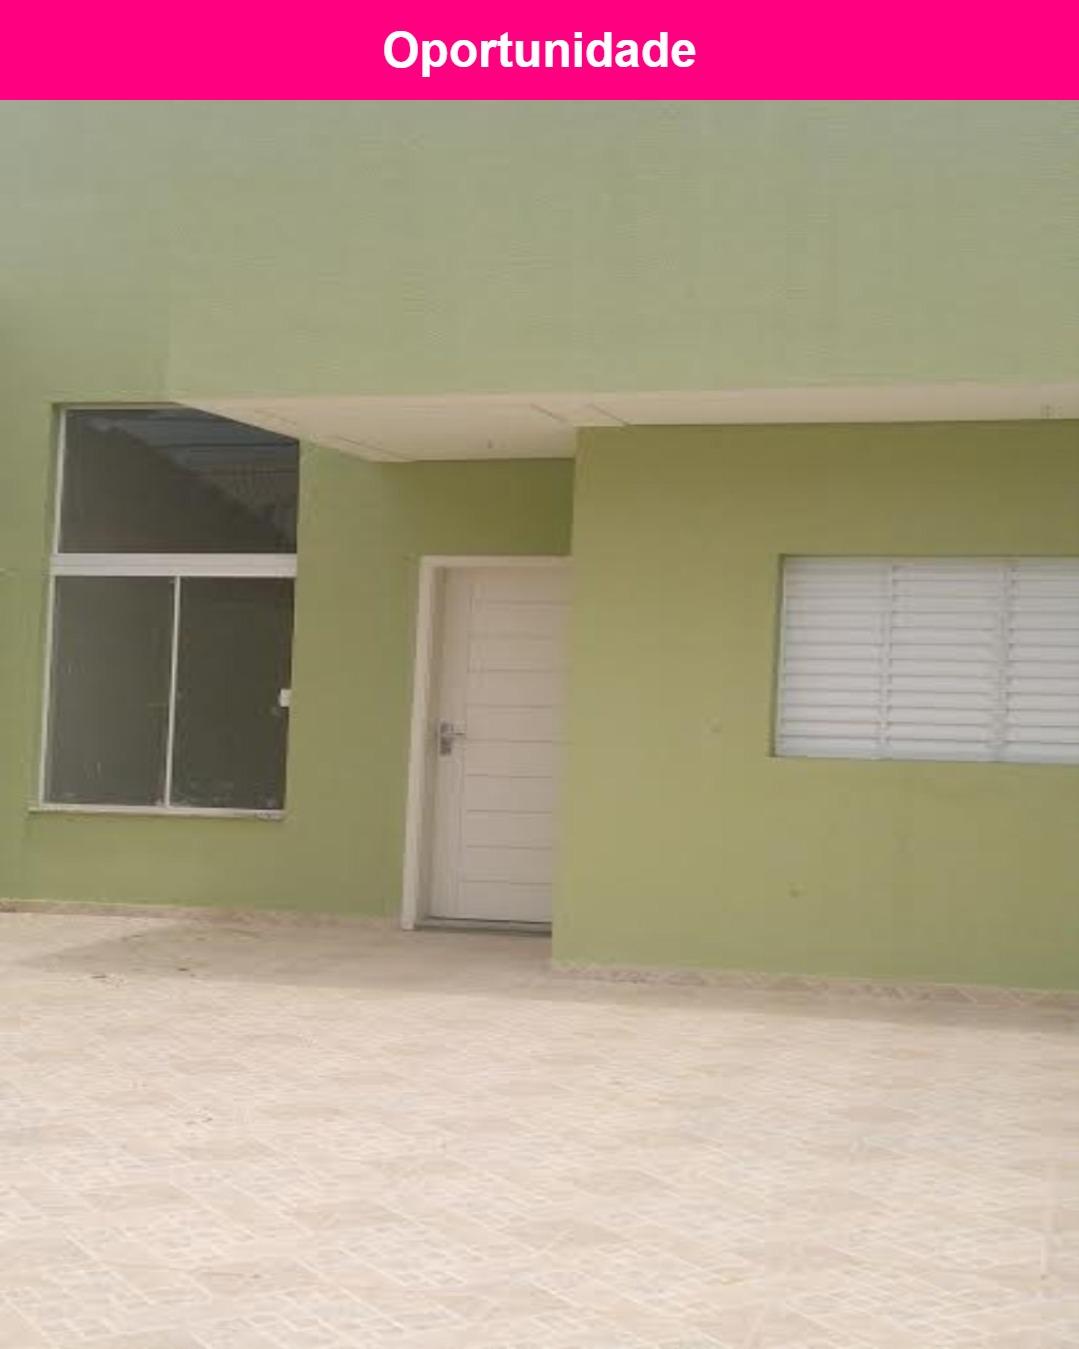 Sobrado a venda ou locação no Vila Amato, Sorocaba - SP